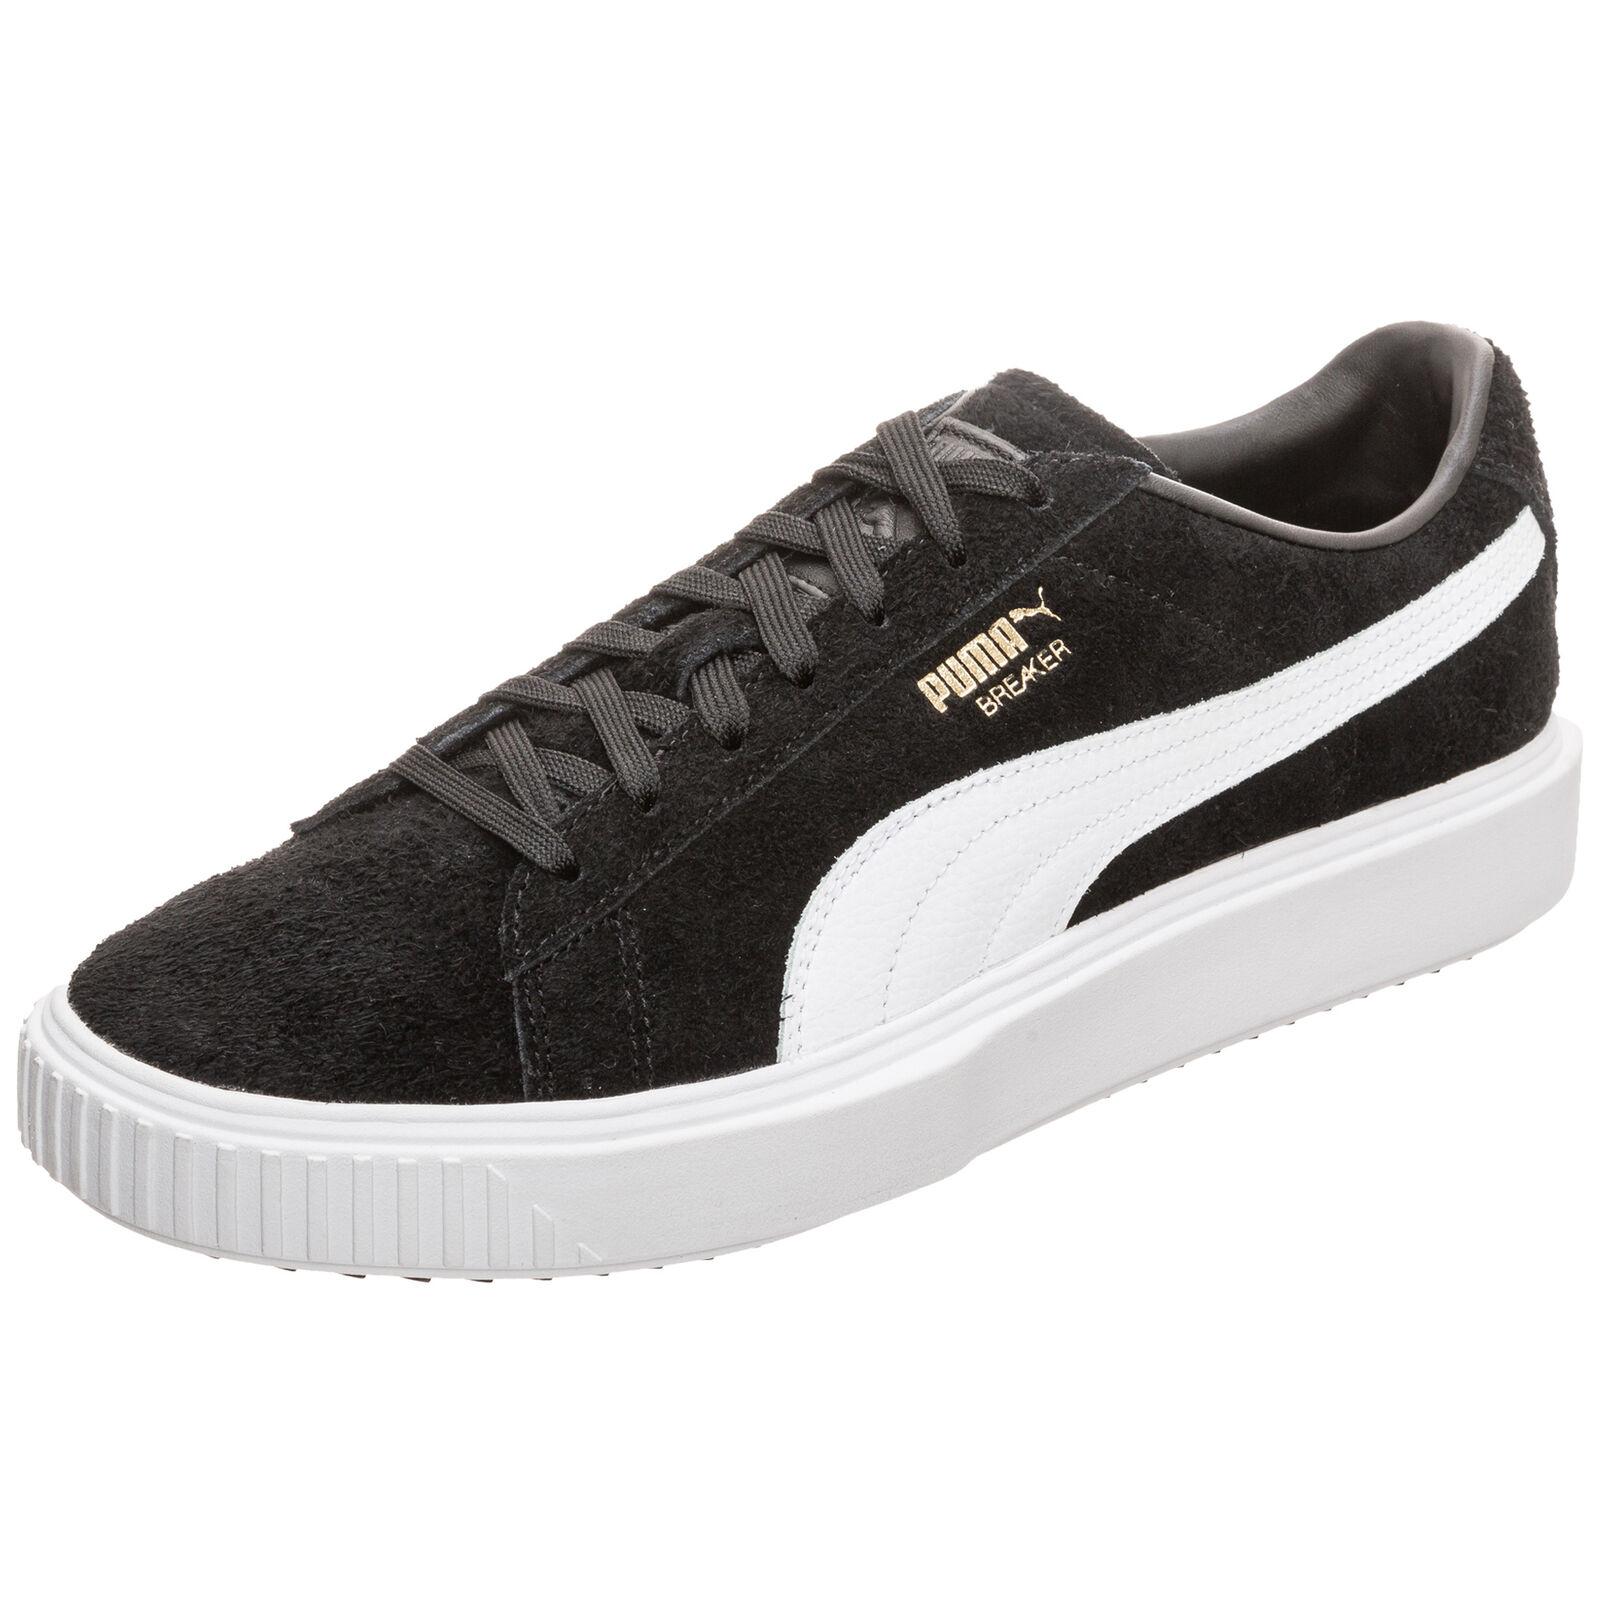 Puma Breaker Evolution Sneaker Schwarz NEU Schuhe Turnschuhe